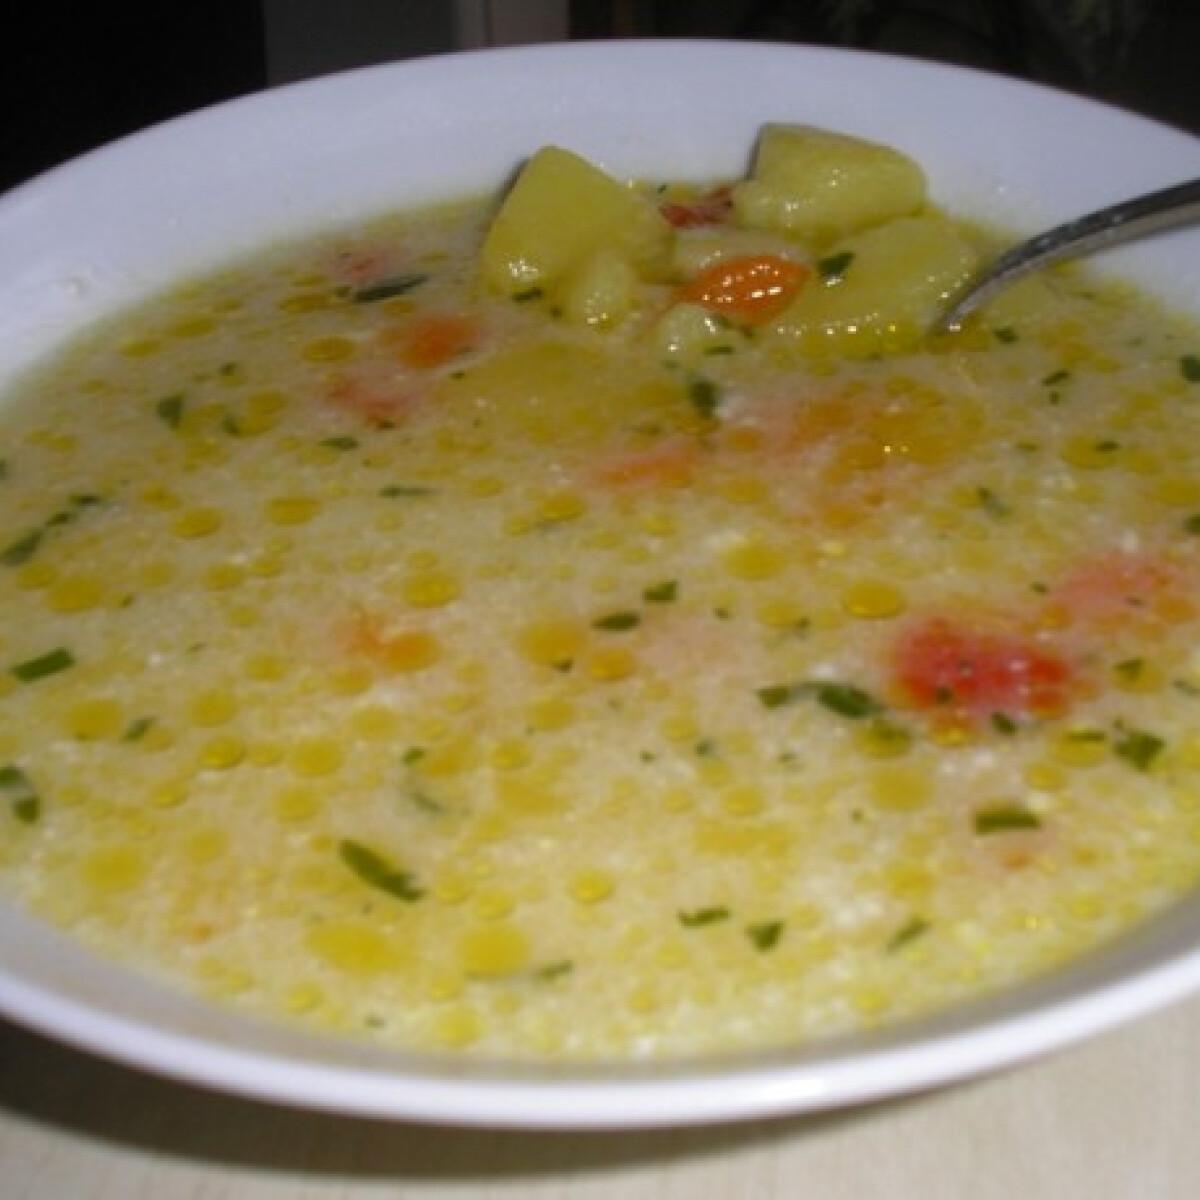 Ezen a képen: Tárkonyos burgonyaleves Zsuzsamama konyhájából